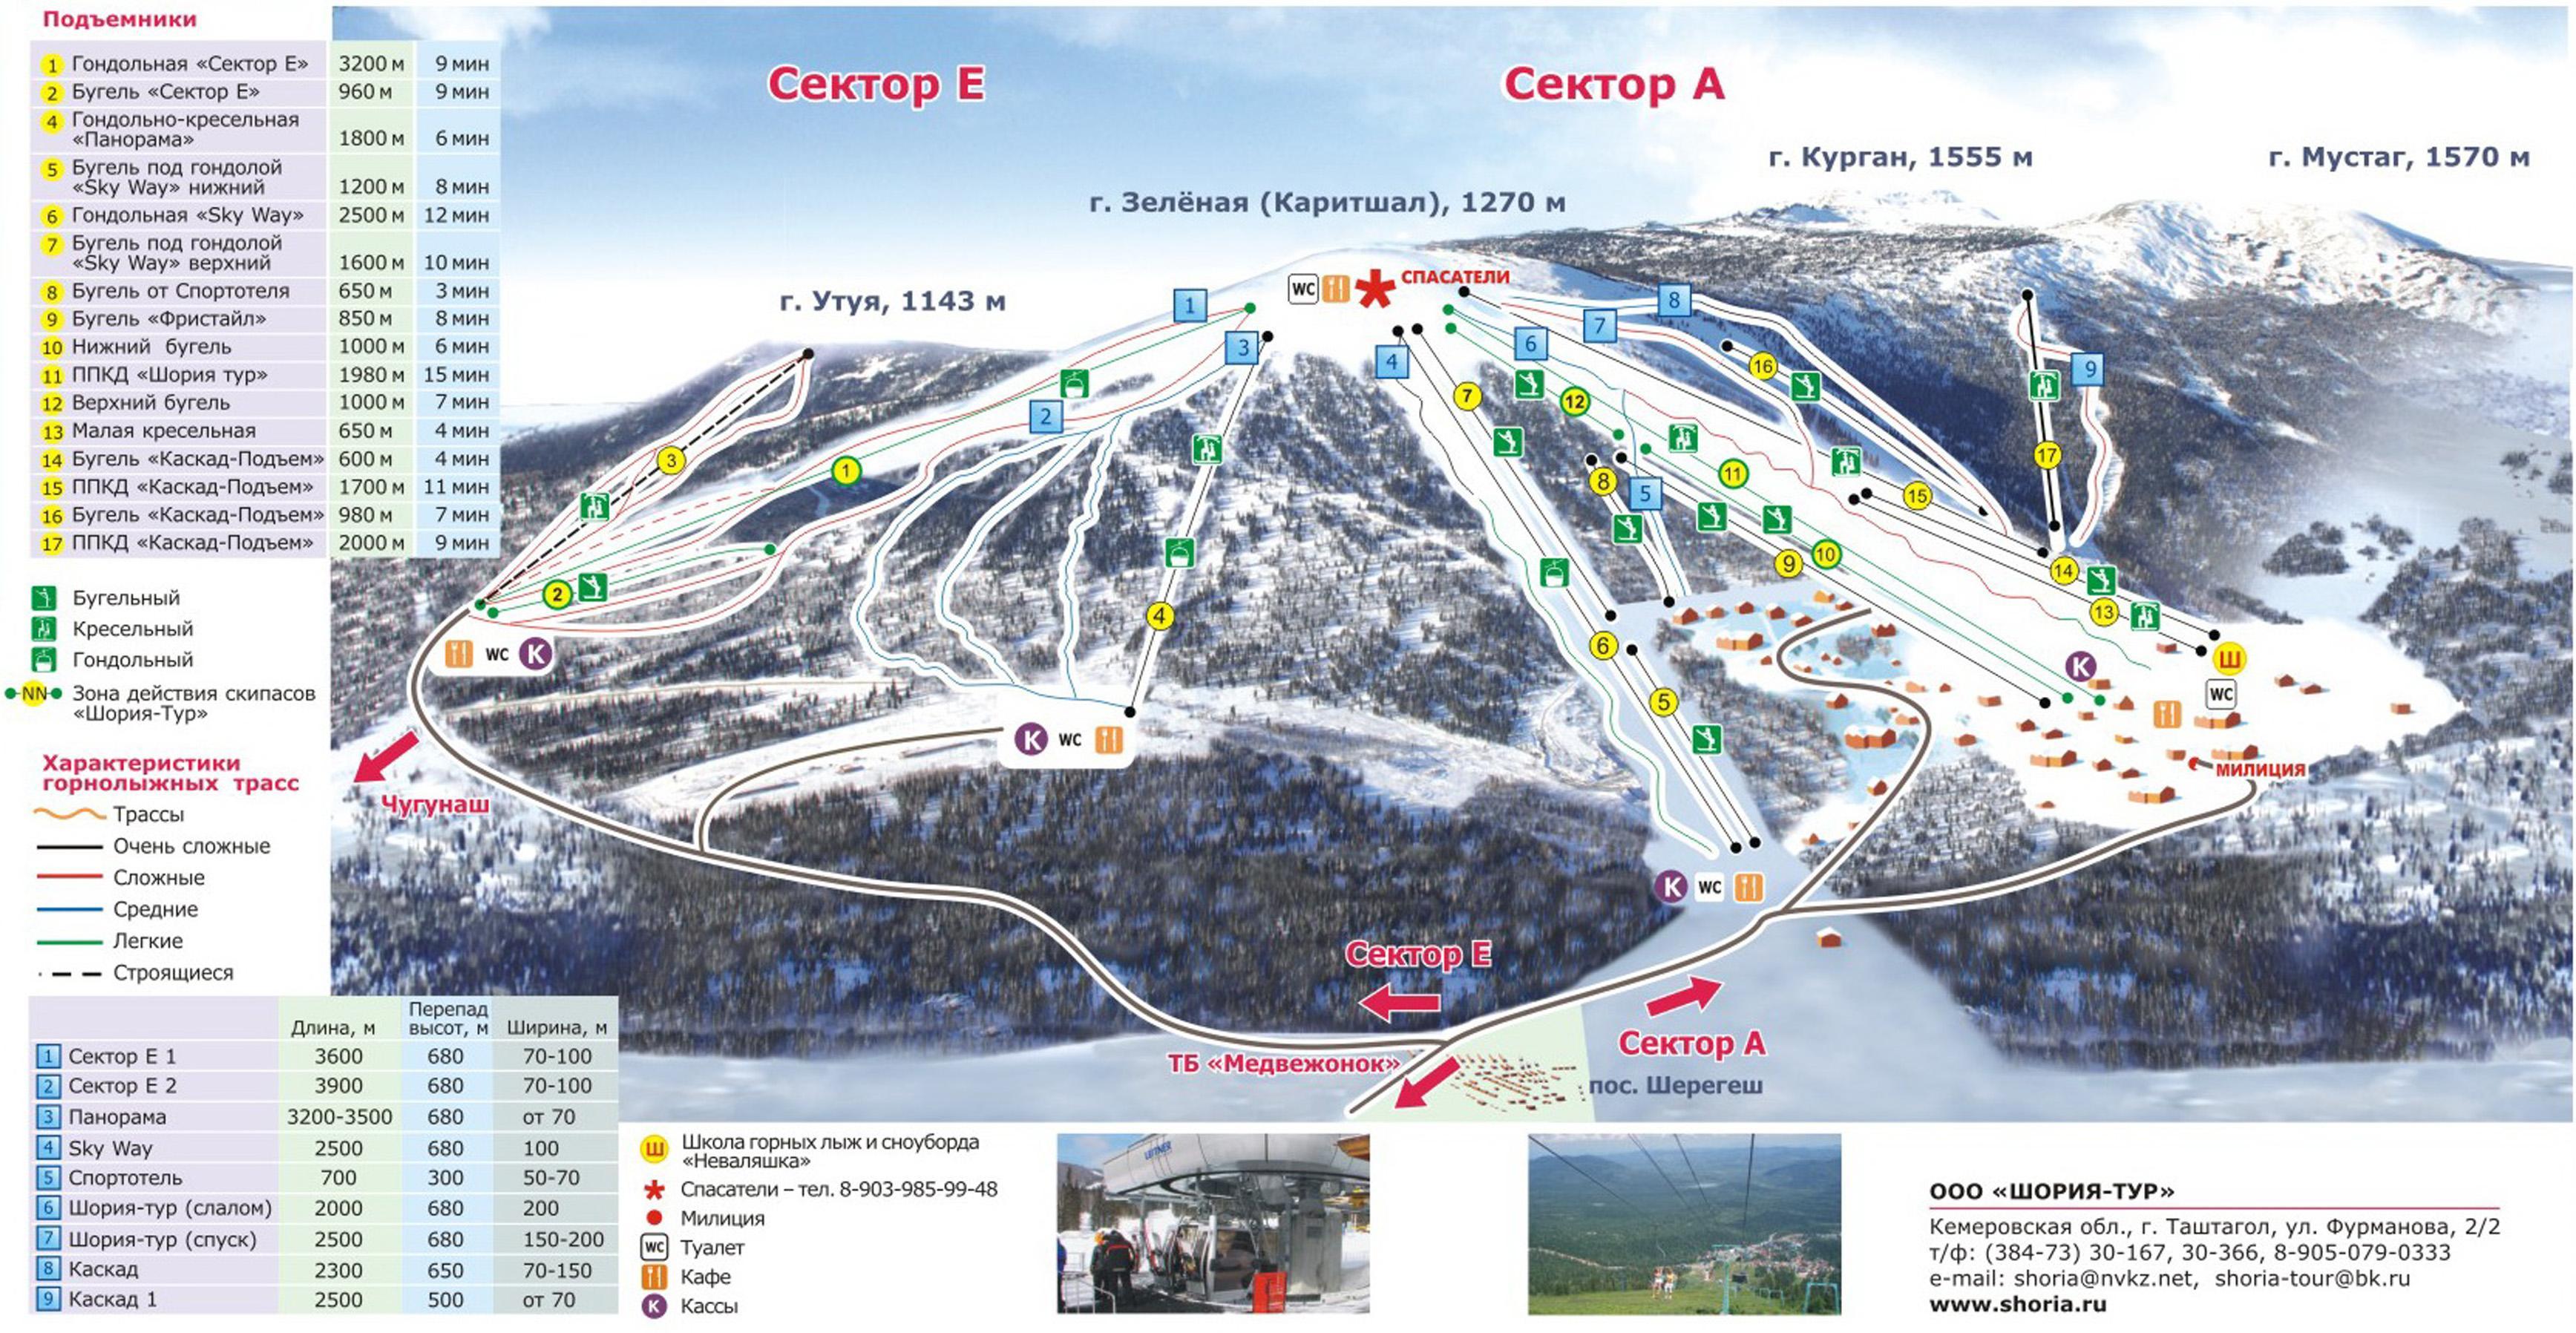 Если хочется отдохнуть на горнолыжном курорте в отдалении от мегаполисов, нельзя придумать места лучше, чем Шерегеш.